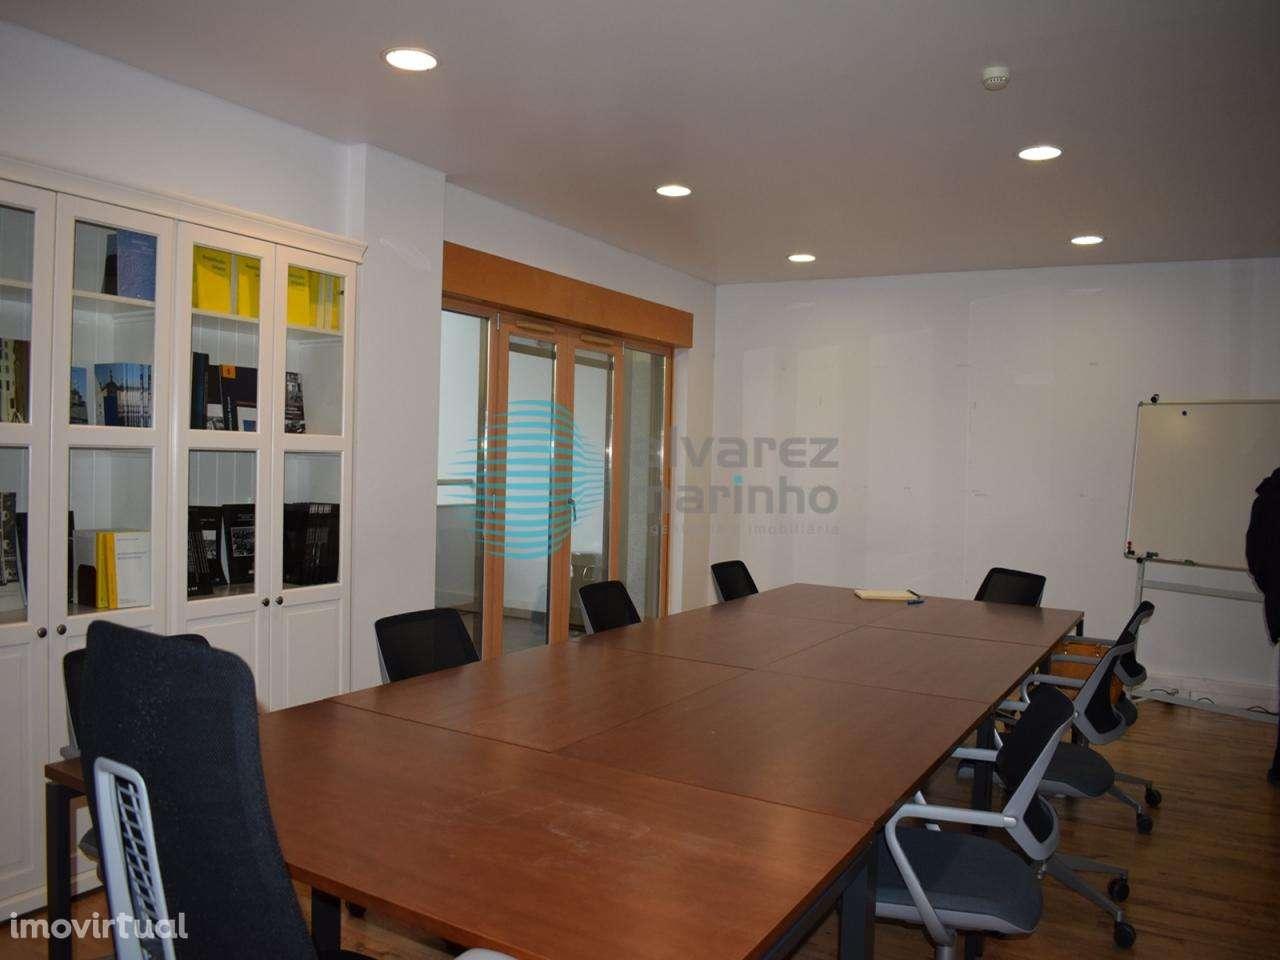 Escritório para arrendar, Torres Vedras (São Pedro, Santiago, Santa Maria do Castelo e São Miguel) e Matacães, Lisboa - Foto 21